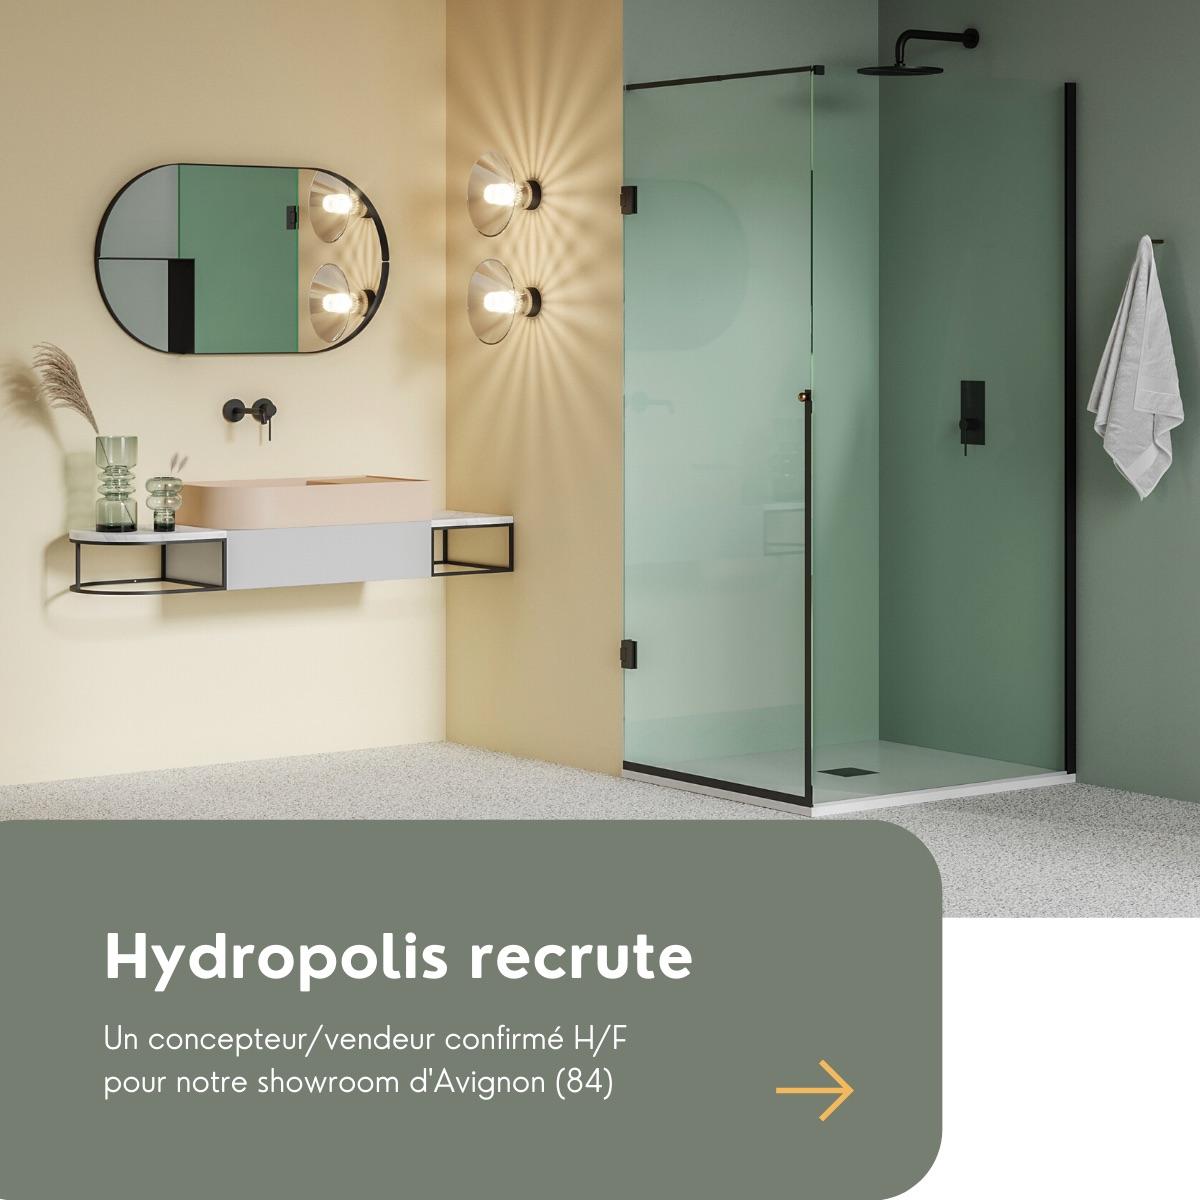 Hydropolis spécialiste de l'aménagement de salles de bains haut de gamme recrute